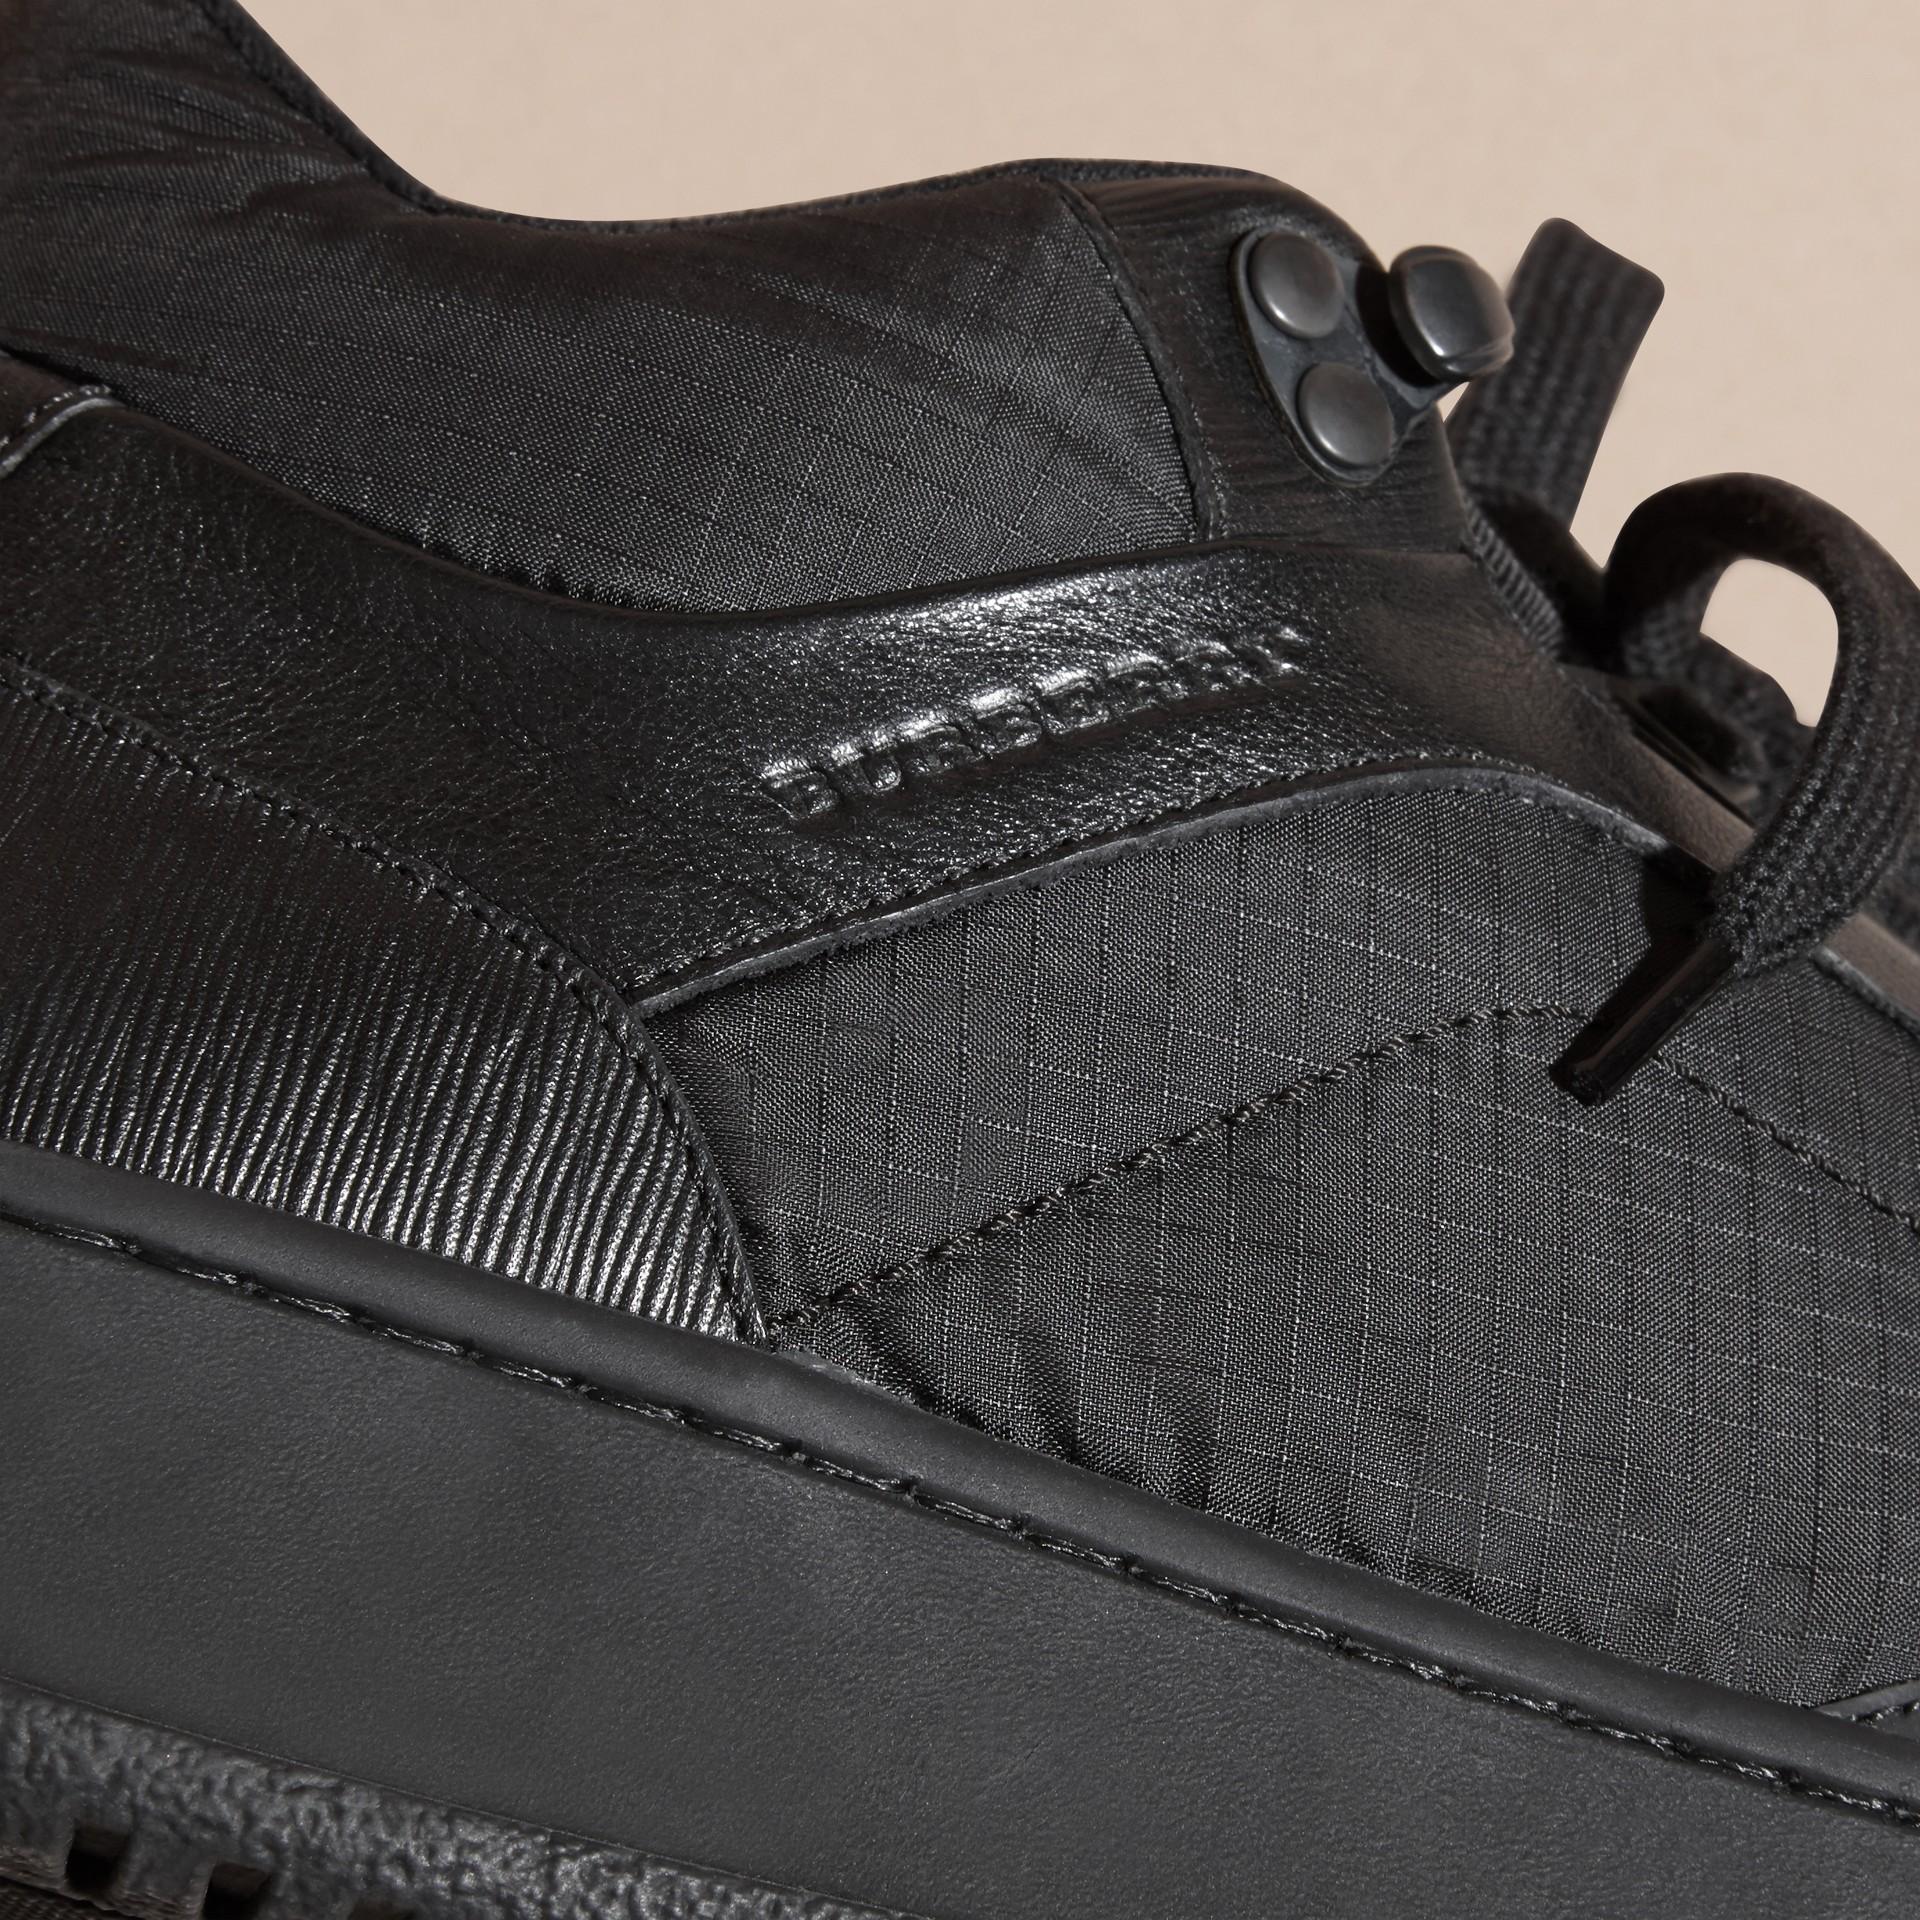 Nero Sneaker in pelle e tessuto antistrappo - immagine della galleria 2